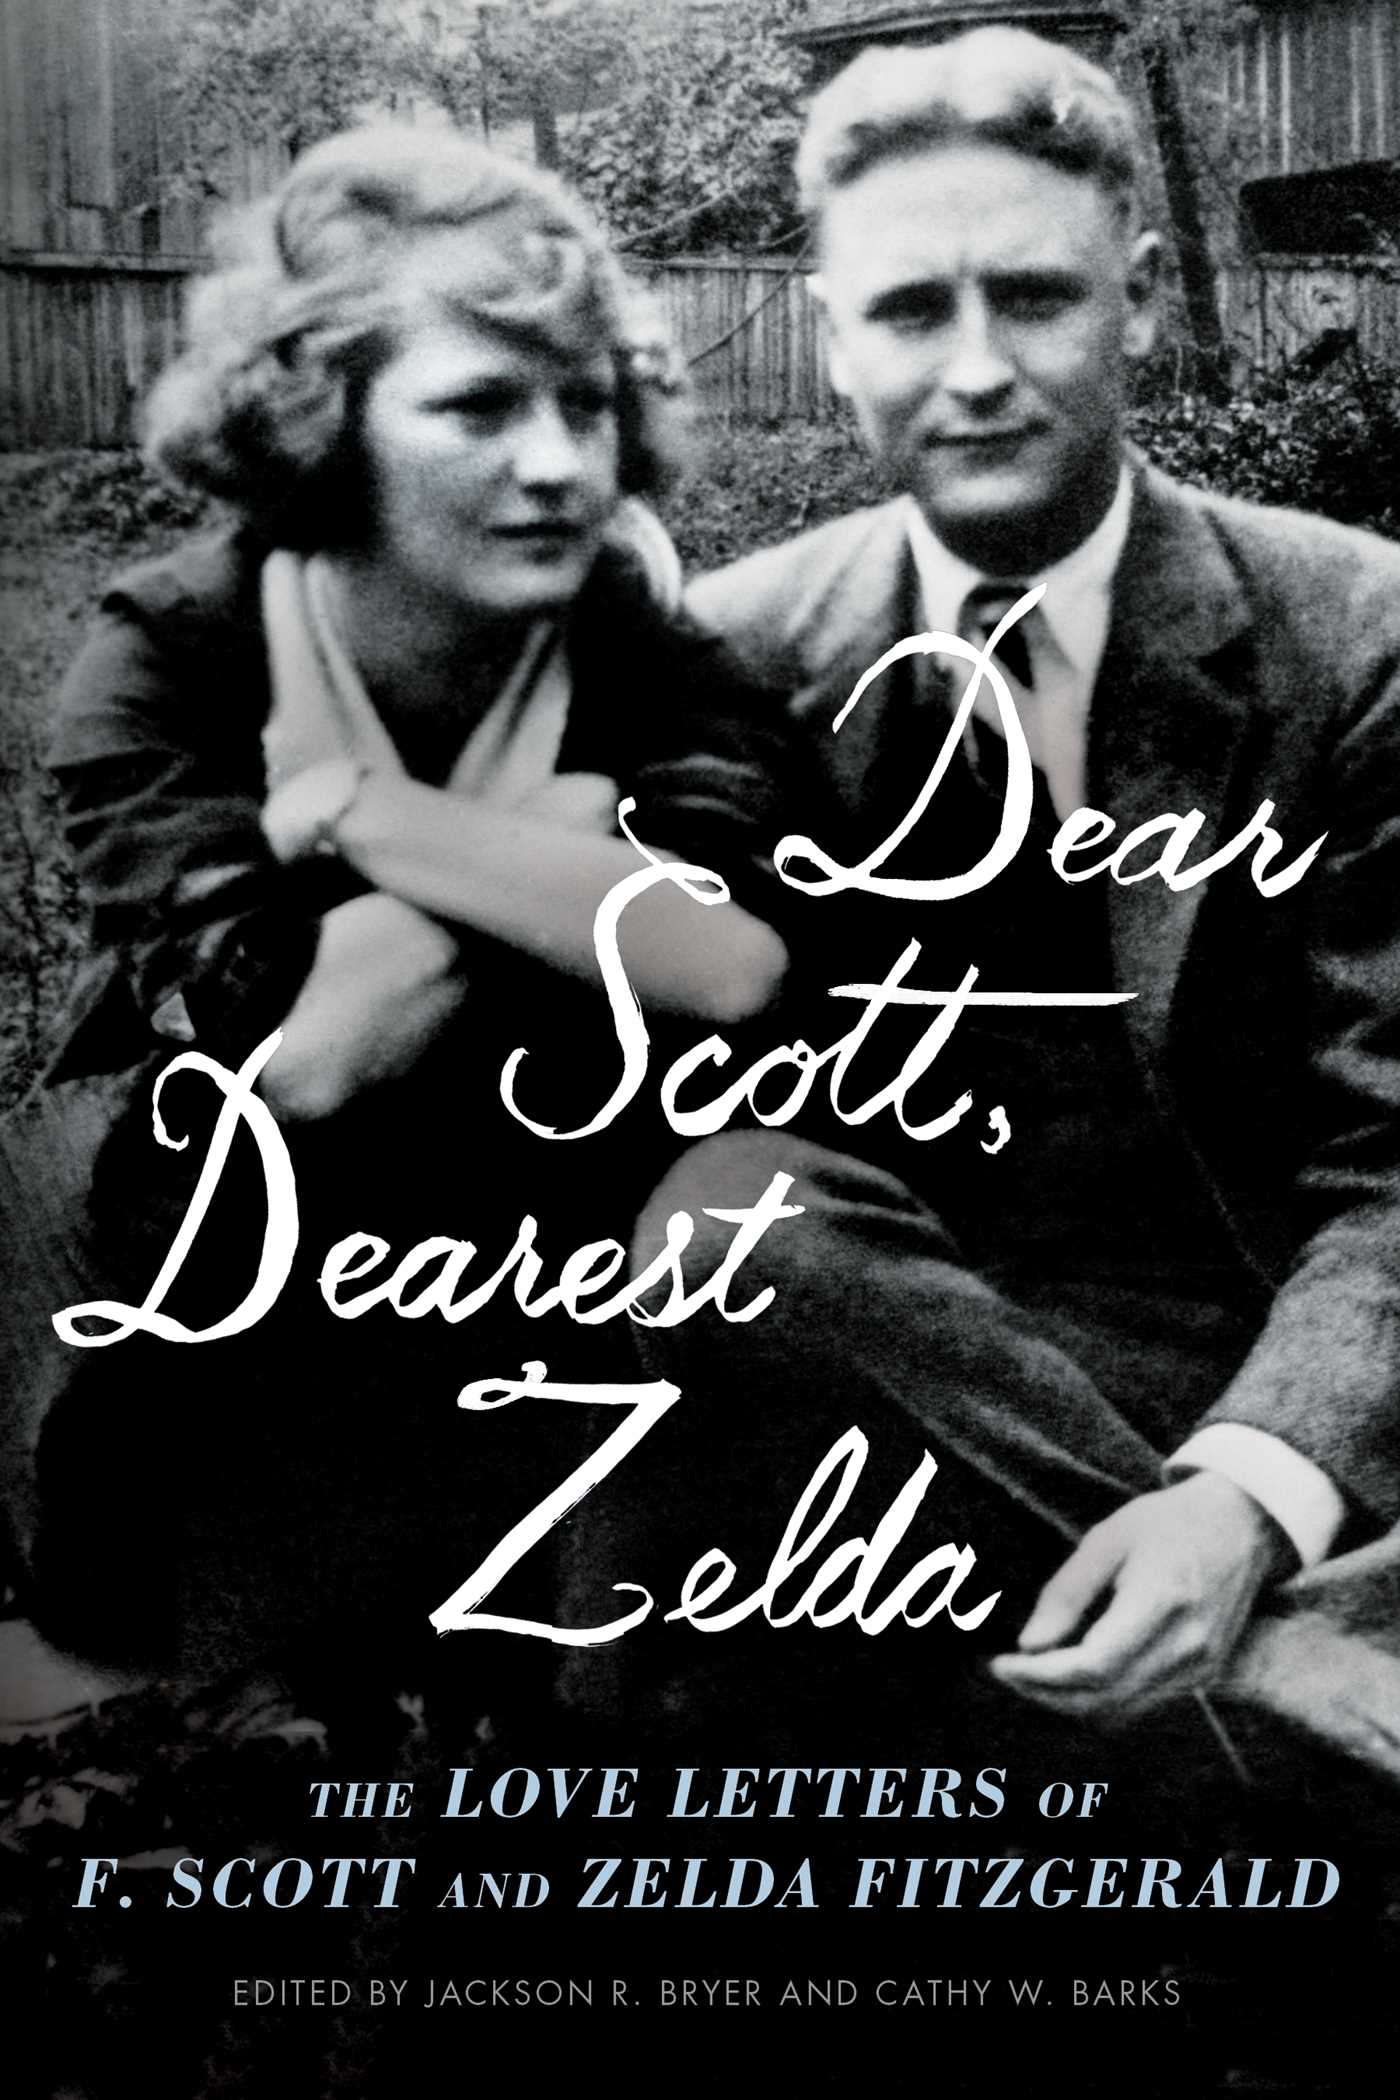 Dear Scott, Dearest Zelda: The Love Letters of F. Scott and Zelda Fitzgerald